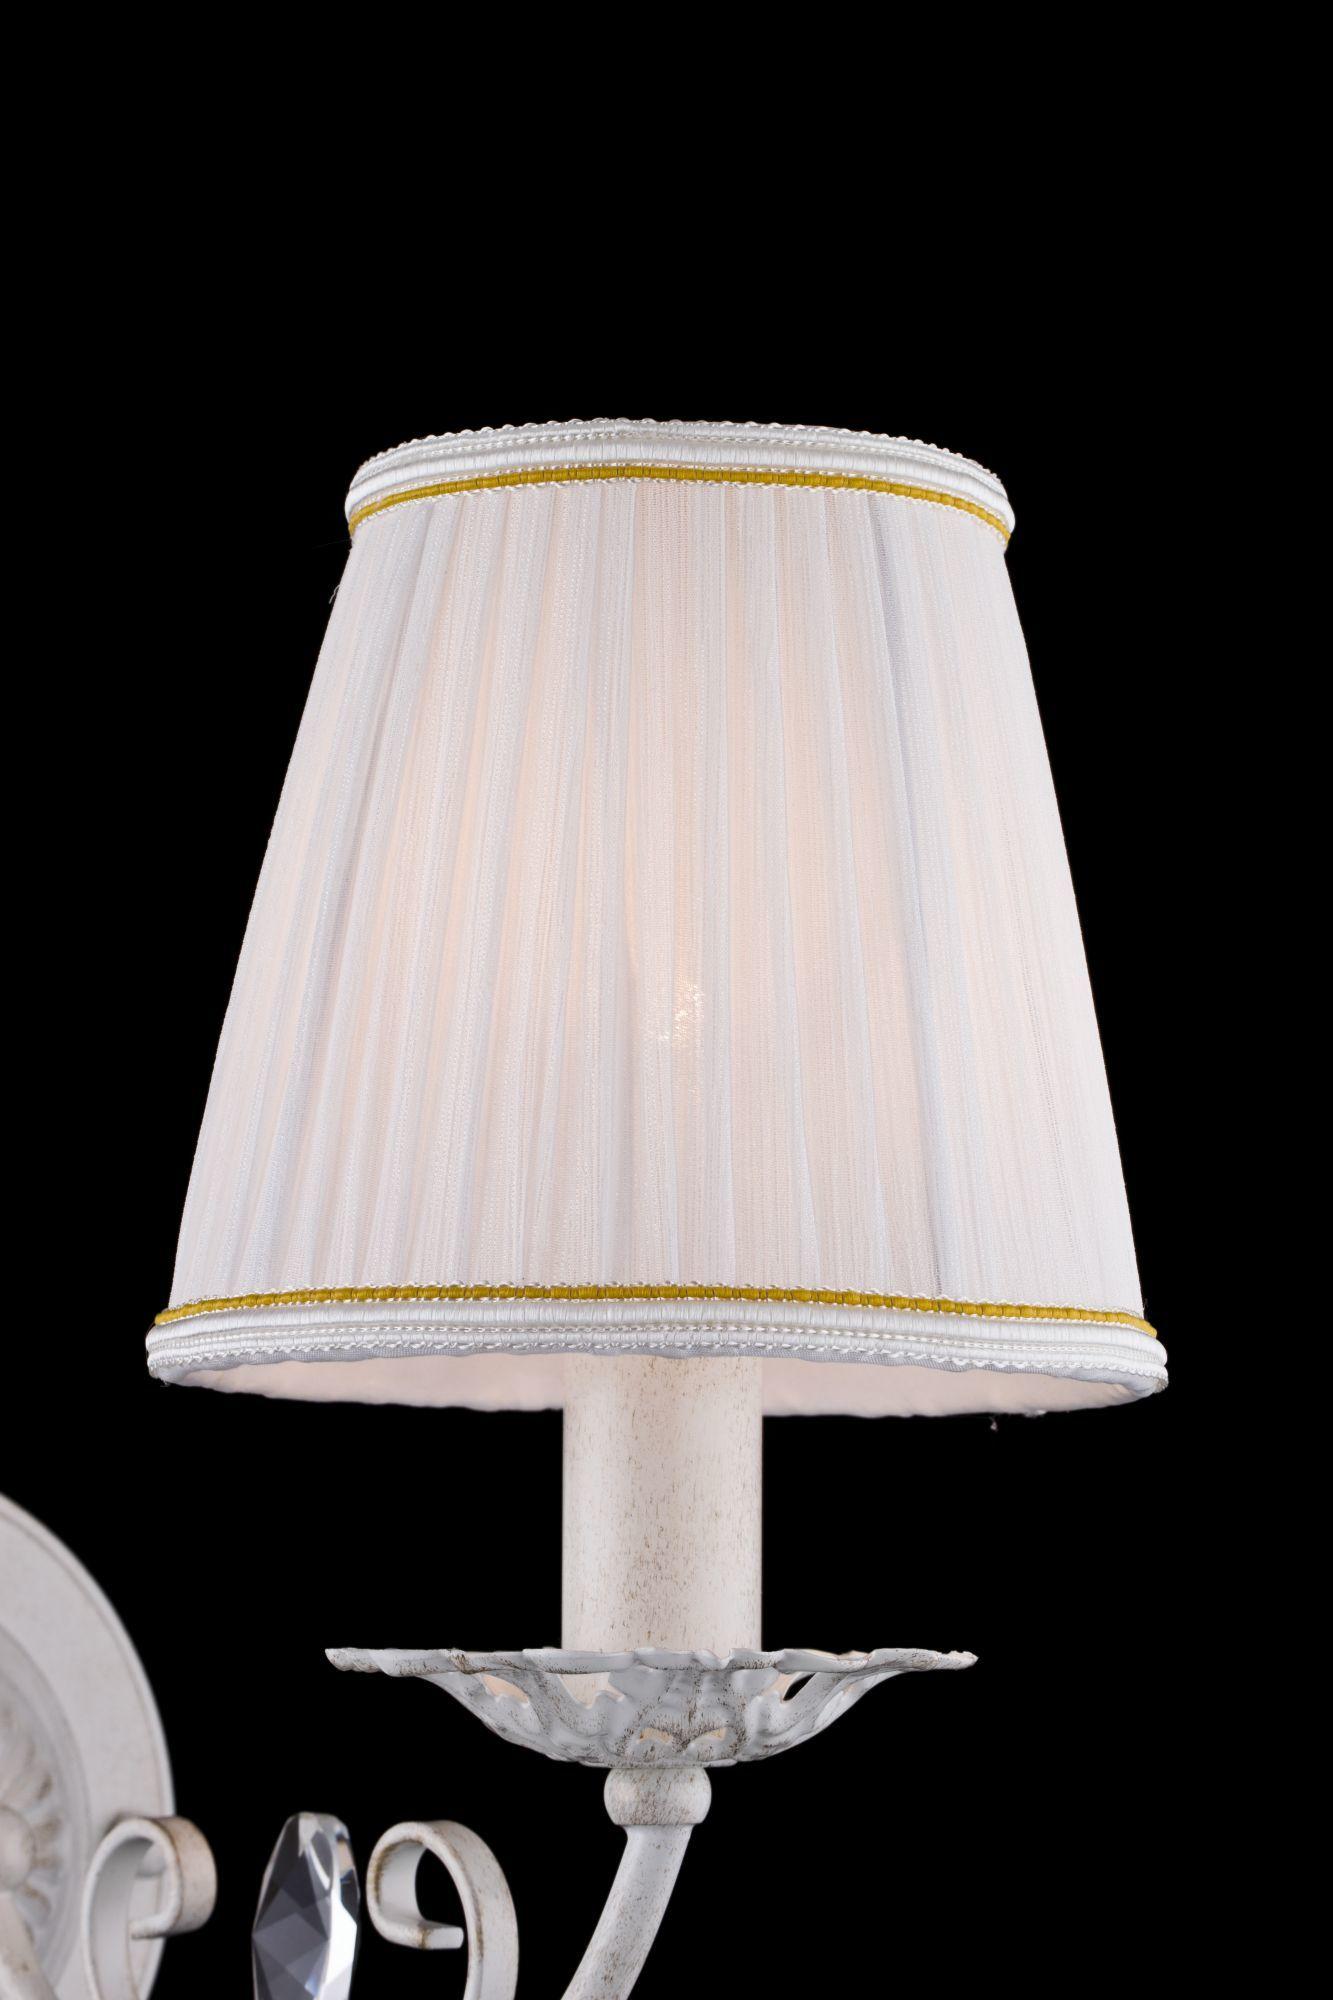 Бра Freya Bianchi FR2307-WL-01-WG (FR307-01-W), 1xE14x40W, белый с золотой патиной с прозрачным, белый с матовым золотом, металл со стеклом, текстиль - фото 6